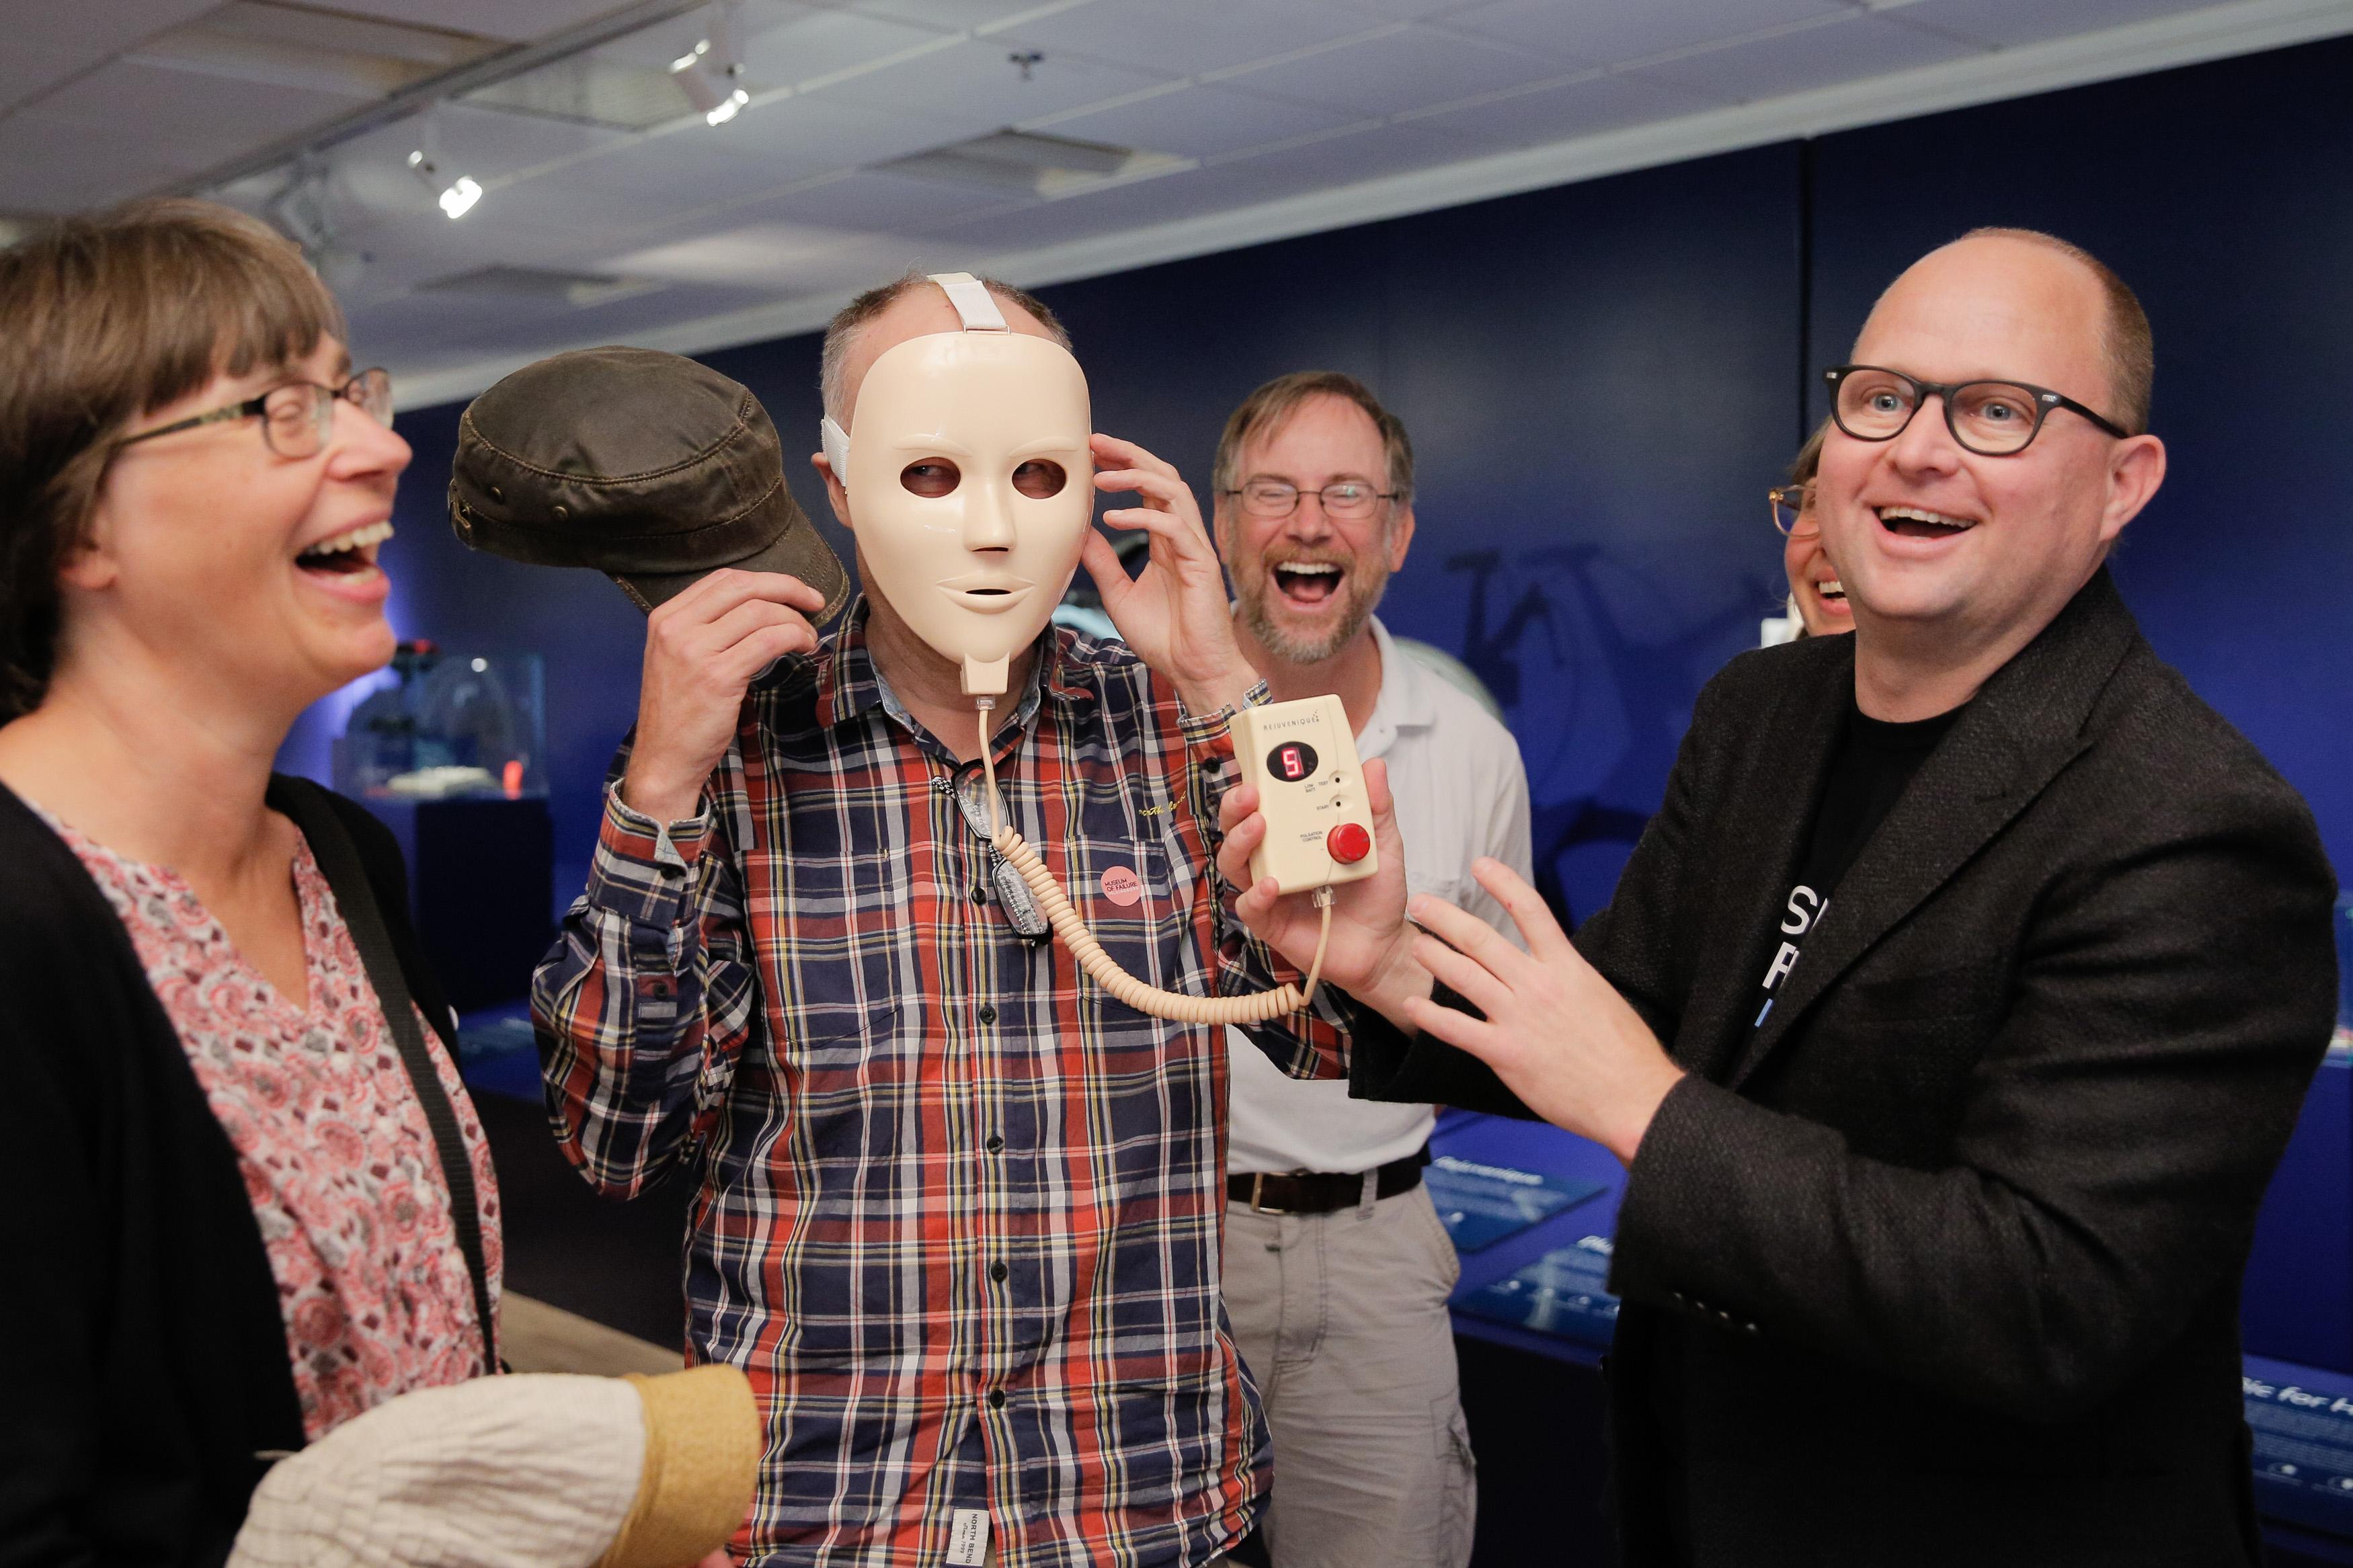 「顔面若返りマスク」を訪問客に試着させる失敗博物館のサムエル・ウエスト館長(右端)。電気が流れた瞬間、マスクを着けた人が声を上げ、周りは大笑い=スウェーデン・ヘルシンボリ(撮影・澤田博之、共同)(